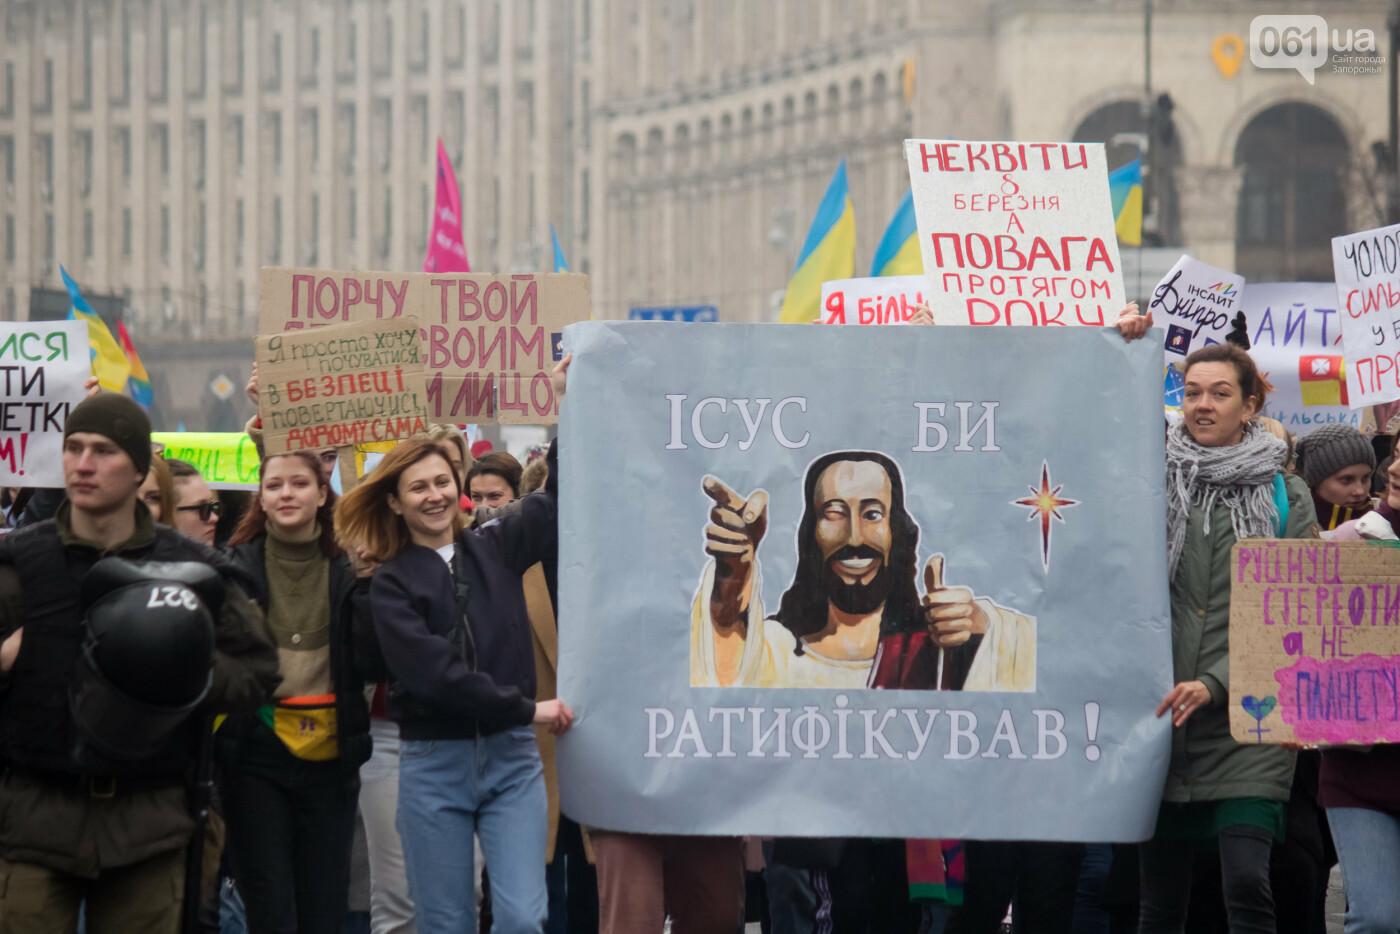 5 историй запорожцев, которые вышли на Марш женщин в Киеве: почему для них это важно, - ФОТОРЕПОРТАЖ, фото-5